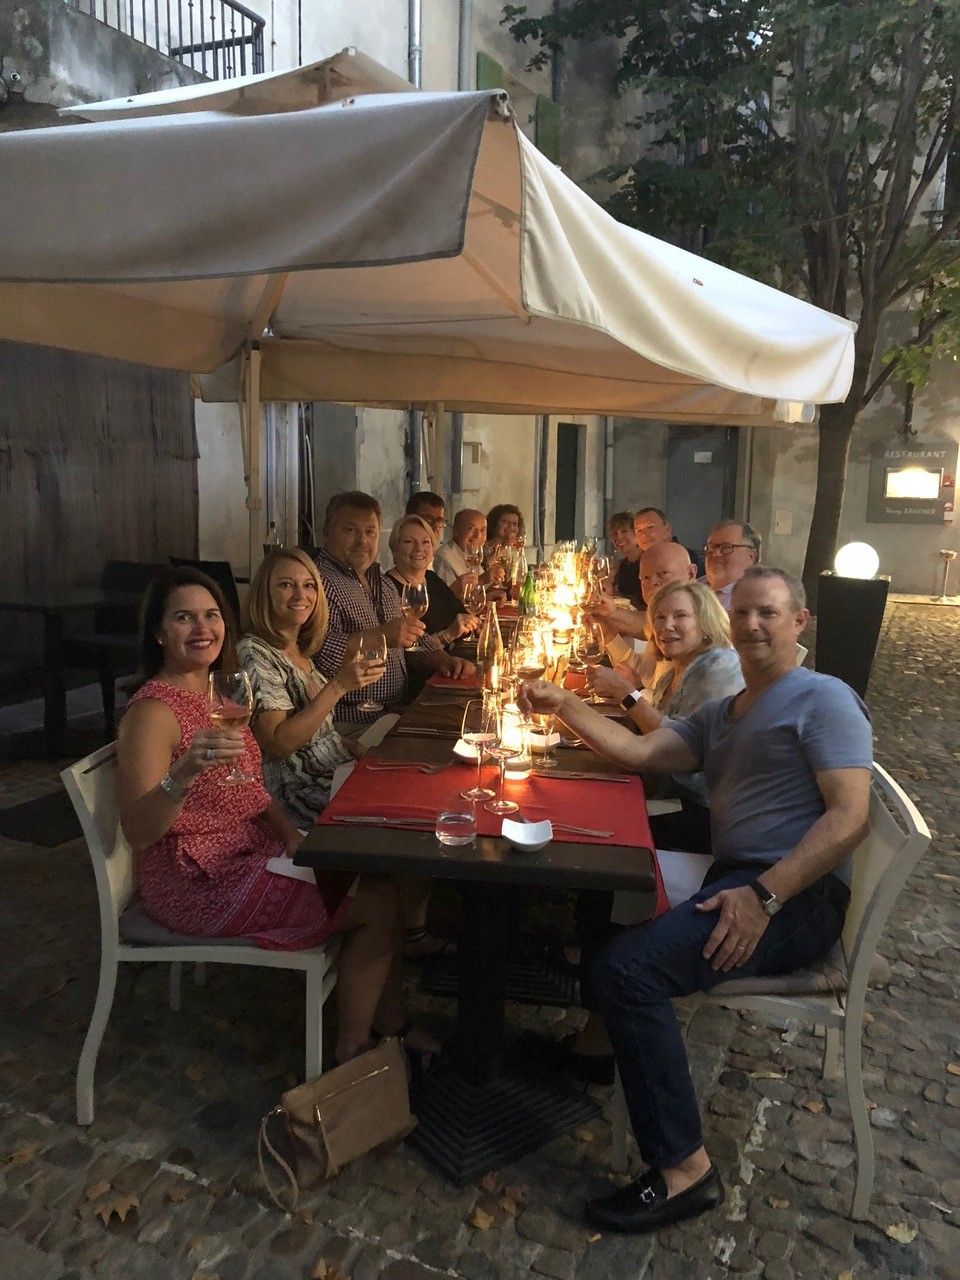 Guests enjoying evening dinner